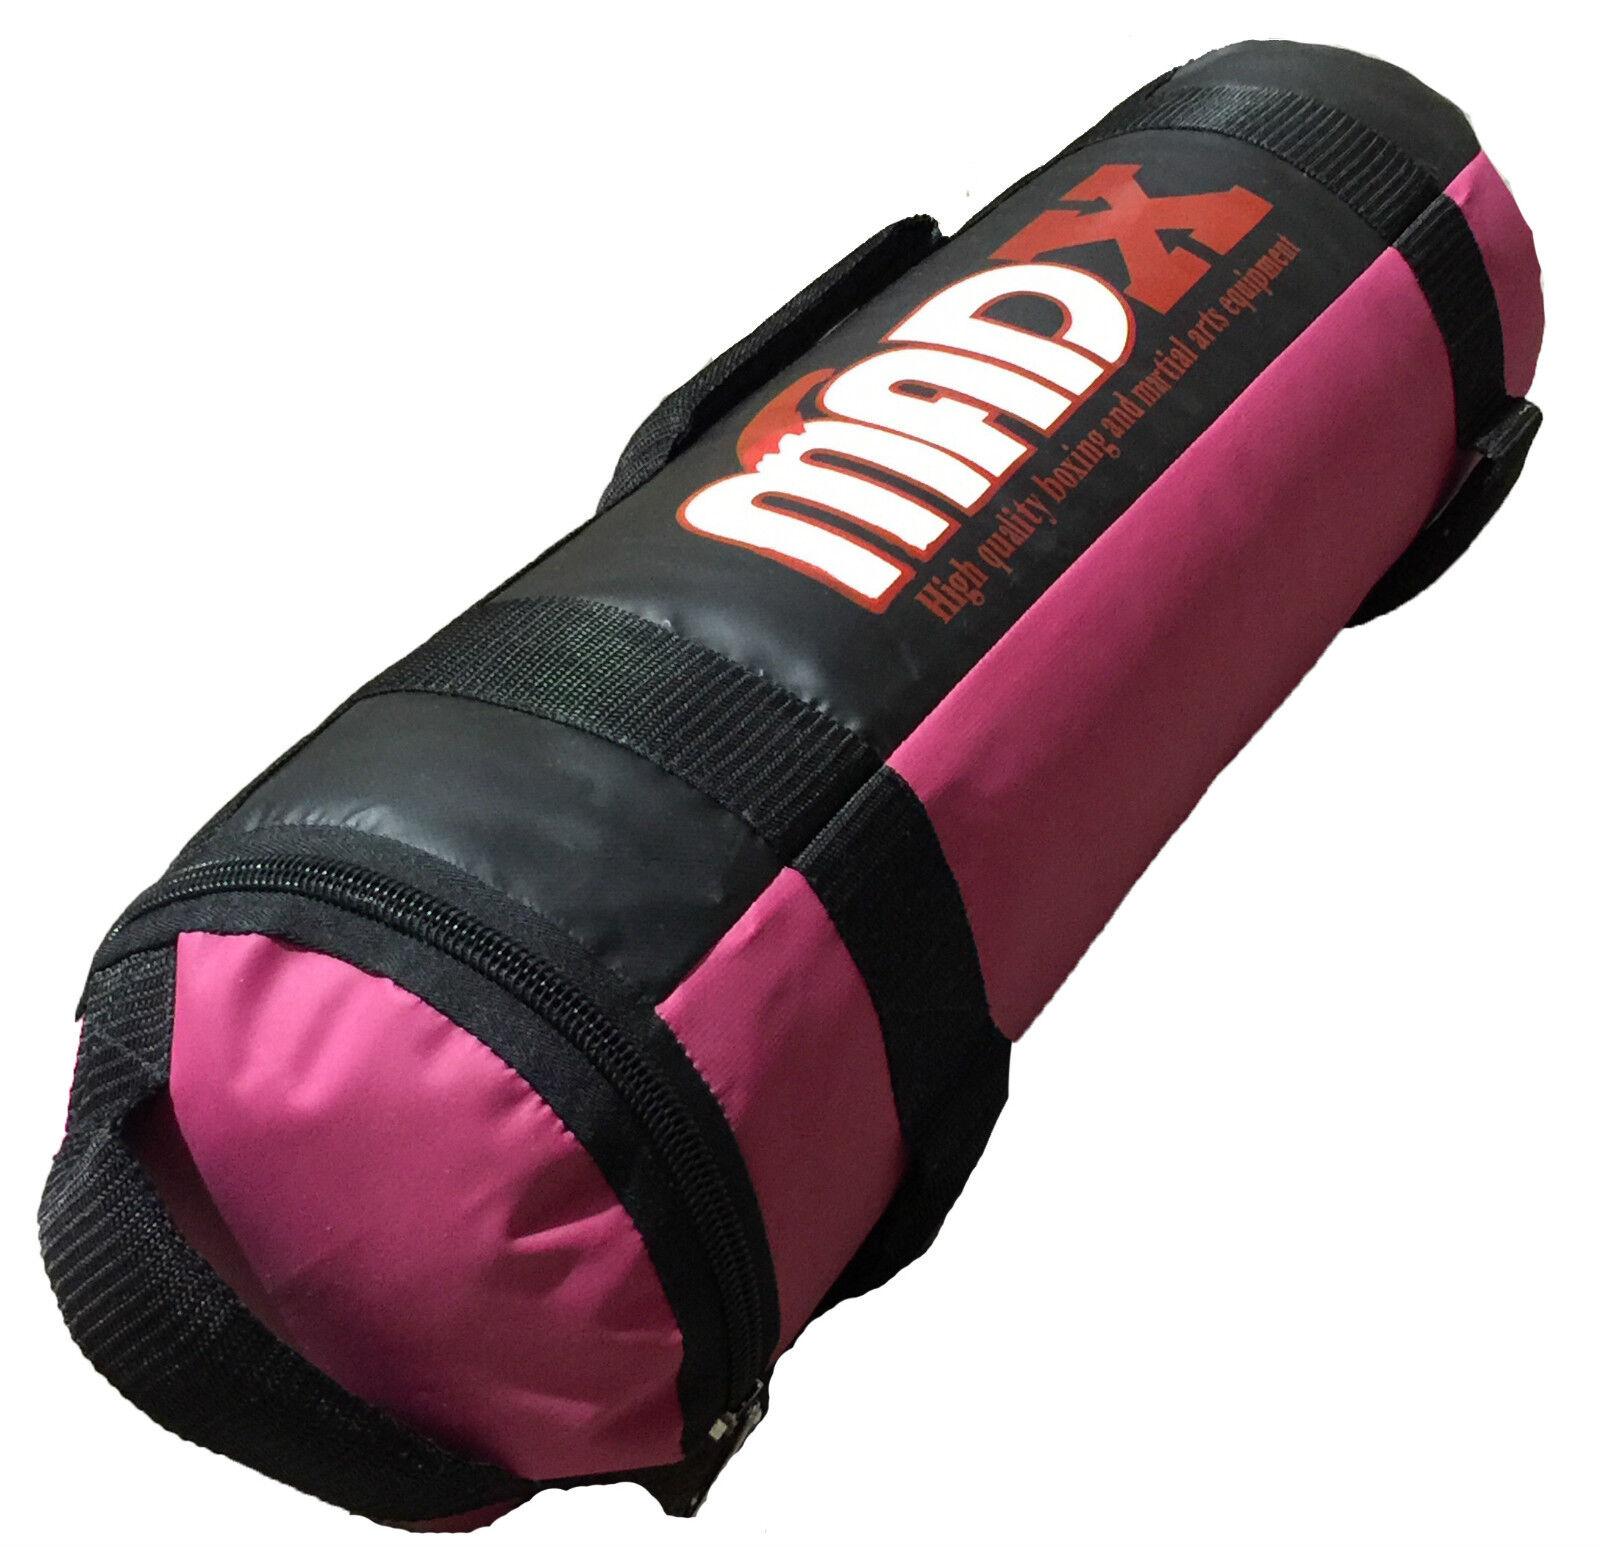 Madx 15KG panno di potenza / Sand Sand Sand sacchetto pieno CROSSFIT BOXE MMA ALLENAUomoTO 2274ce